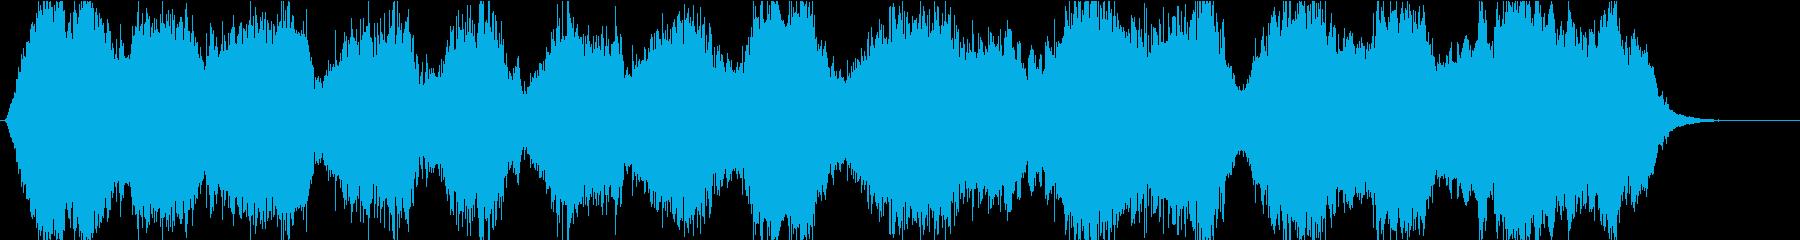 優美なストリングスのオープニングの再生済みの波形